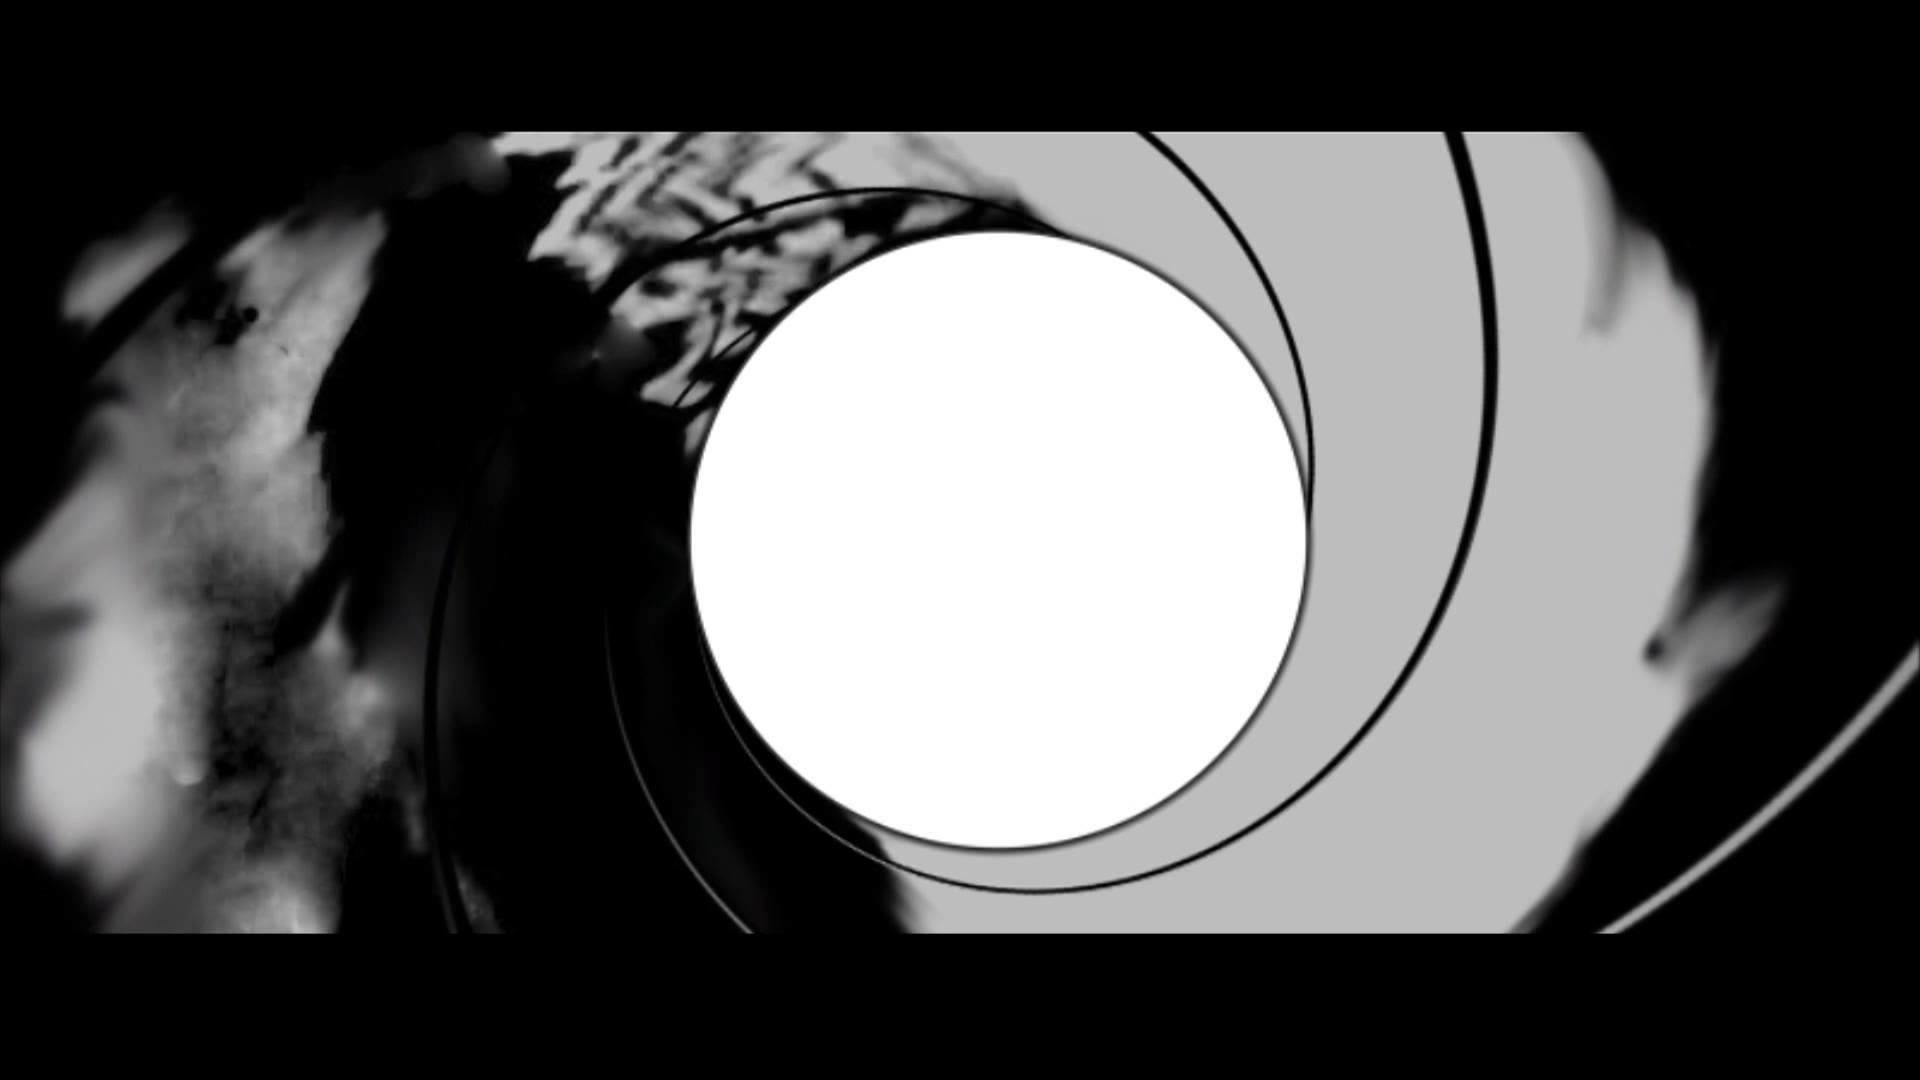 james bond gun barrel wallpaper (61+ images)